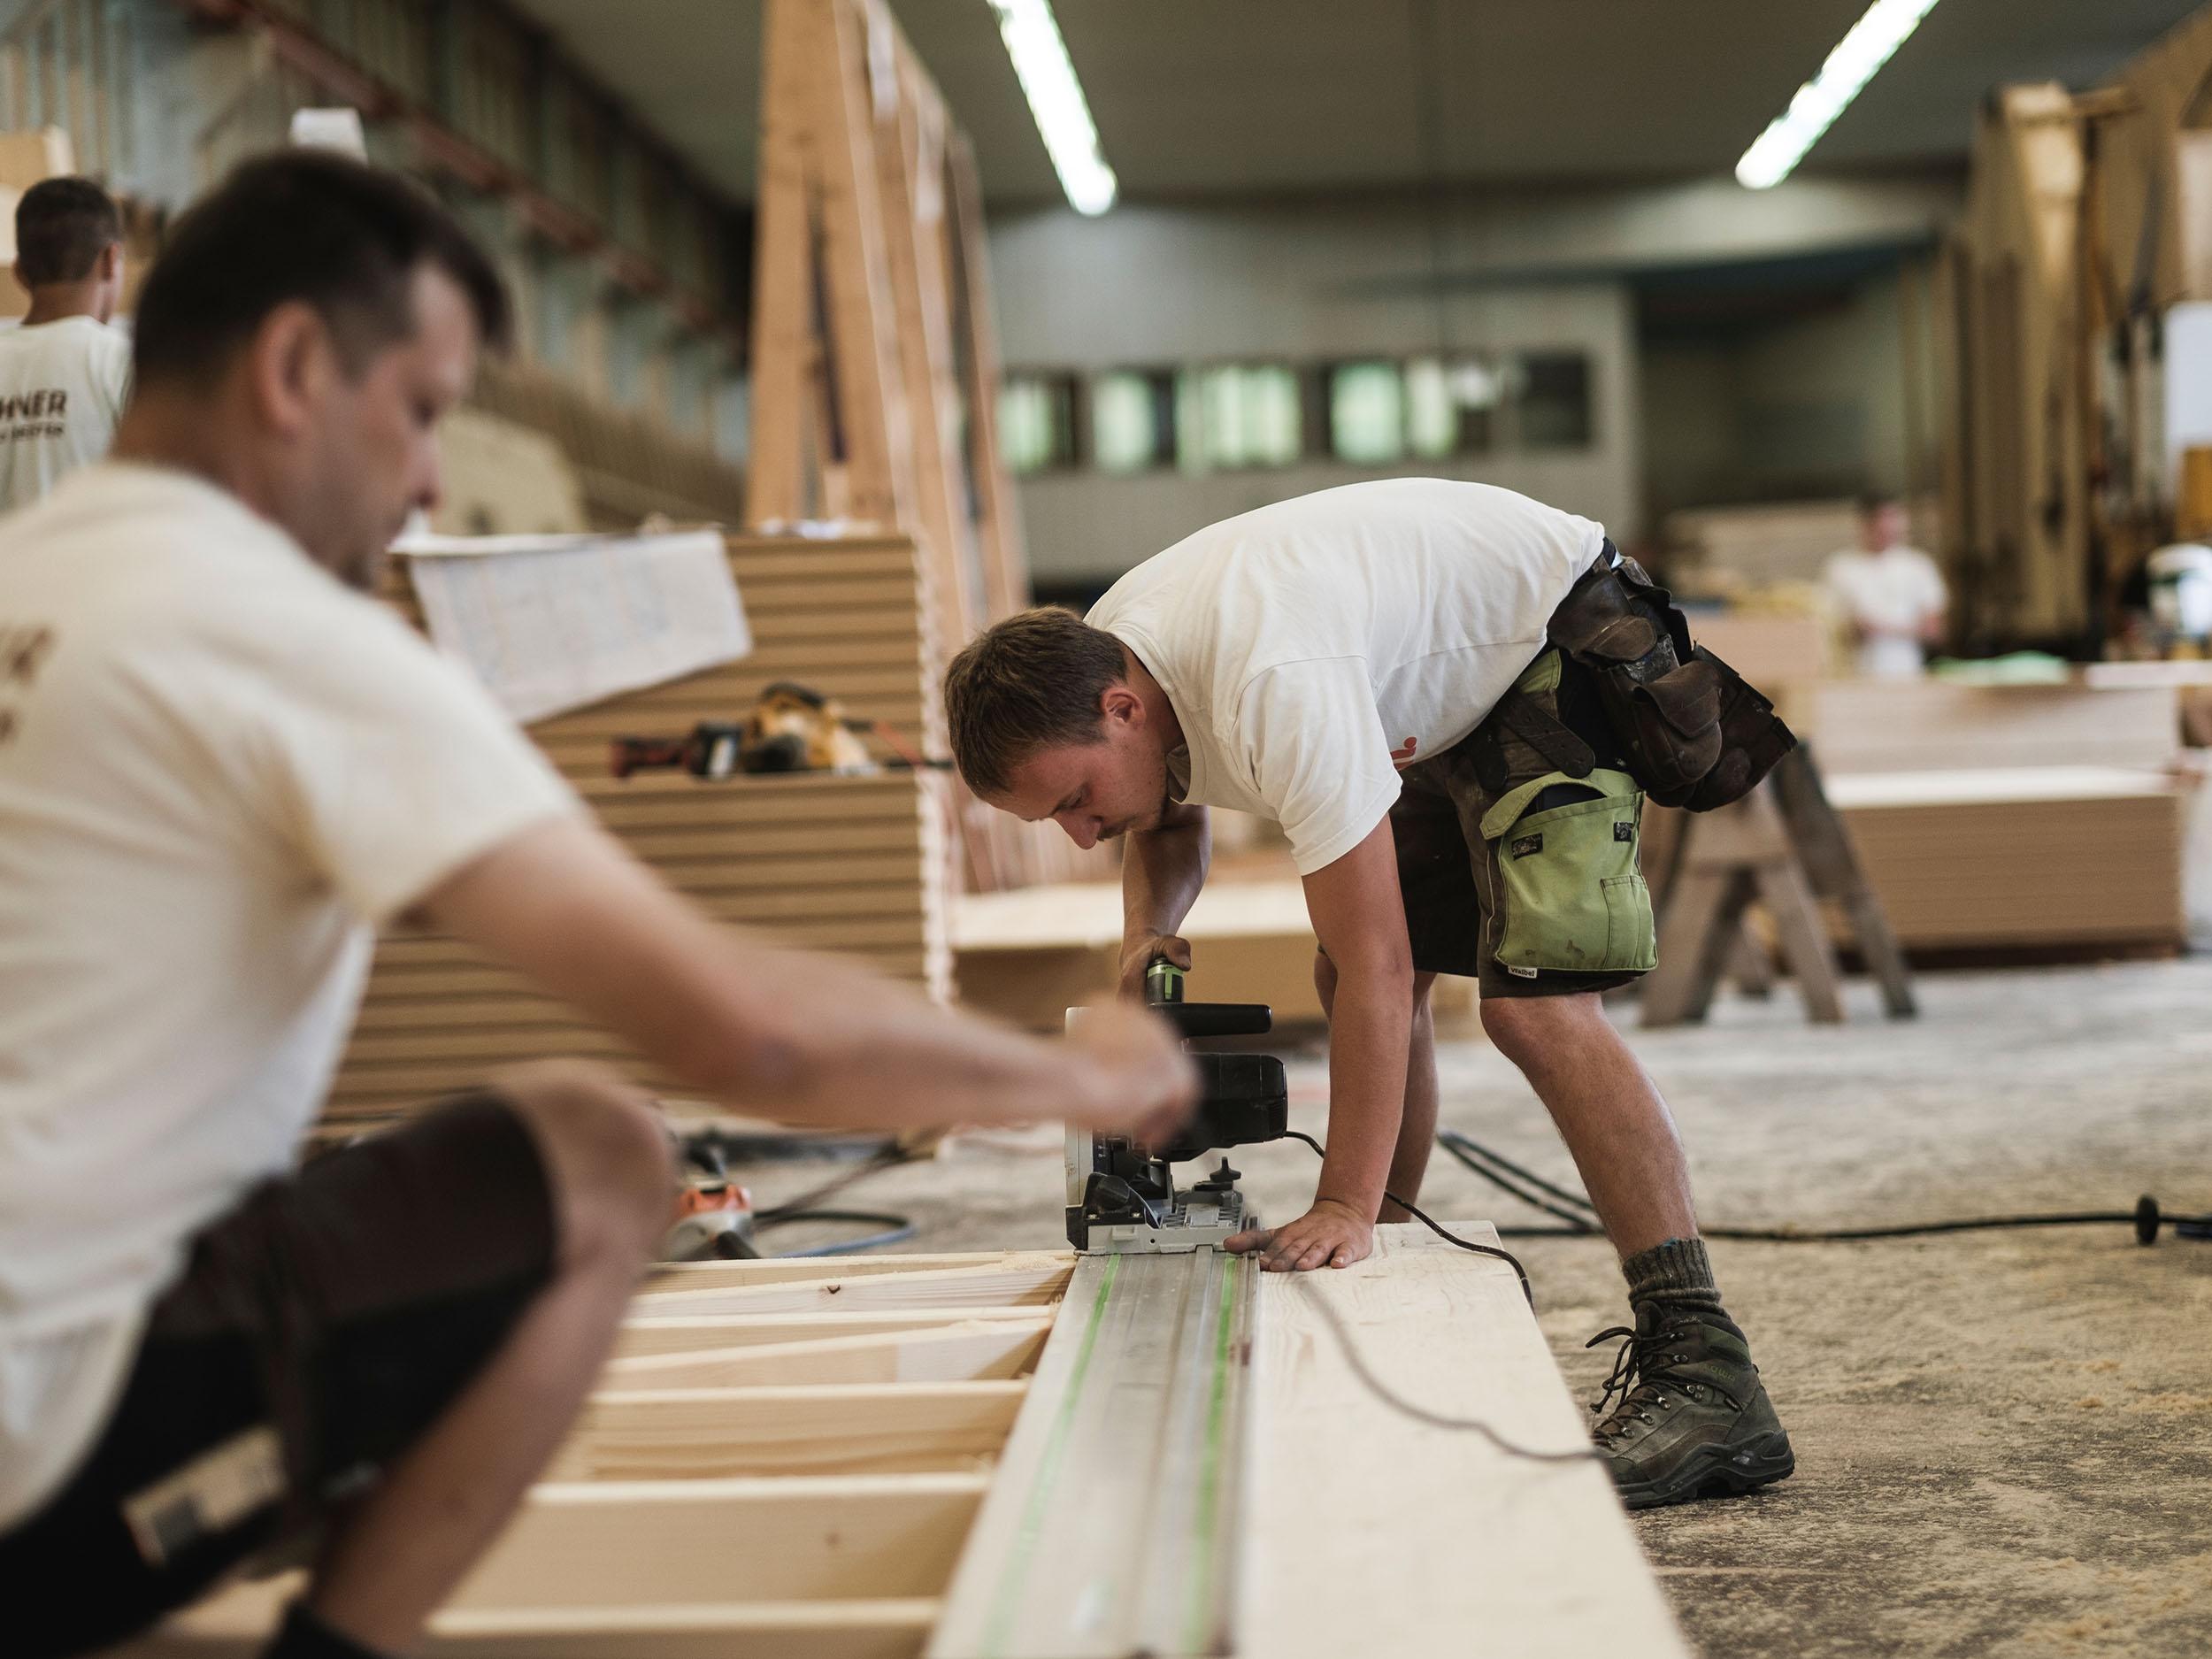 Buchner Holzbau Zimmerer bei der Arbeit Holz schneiden